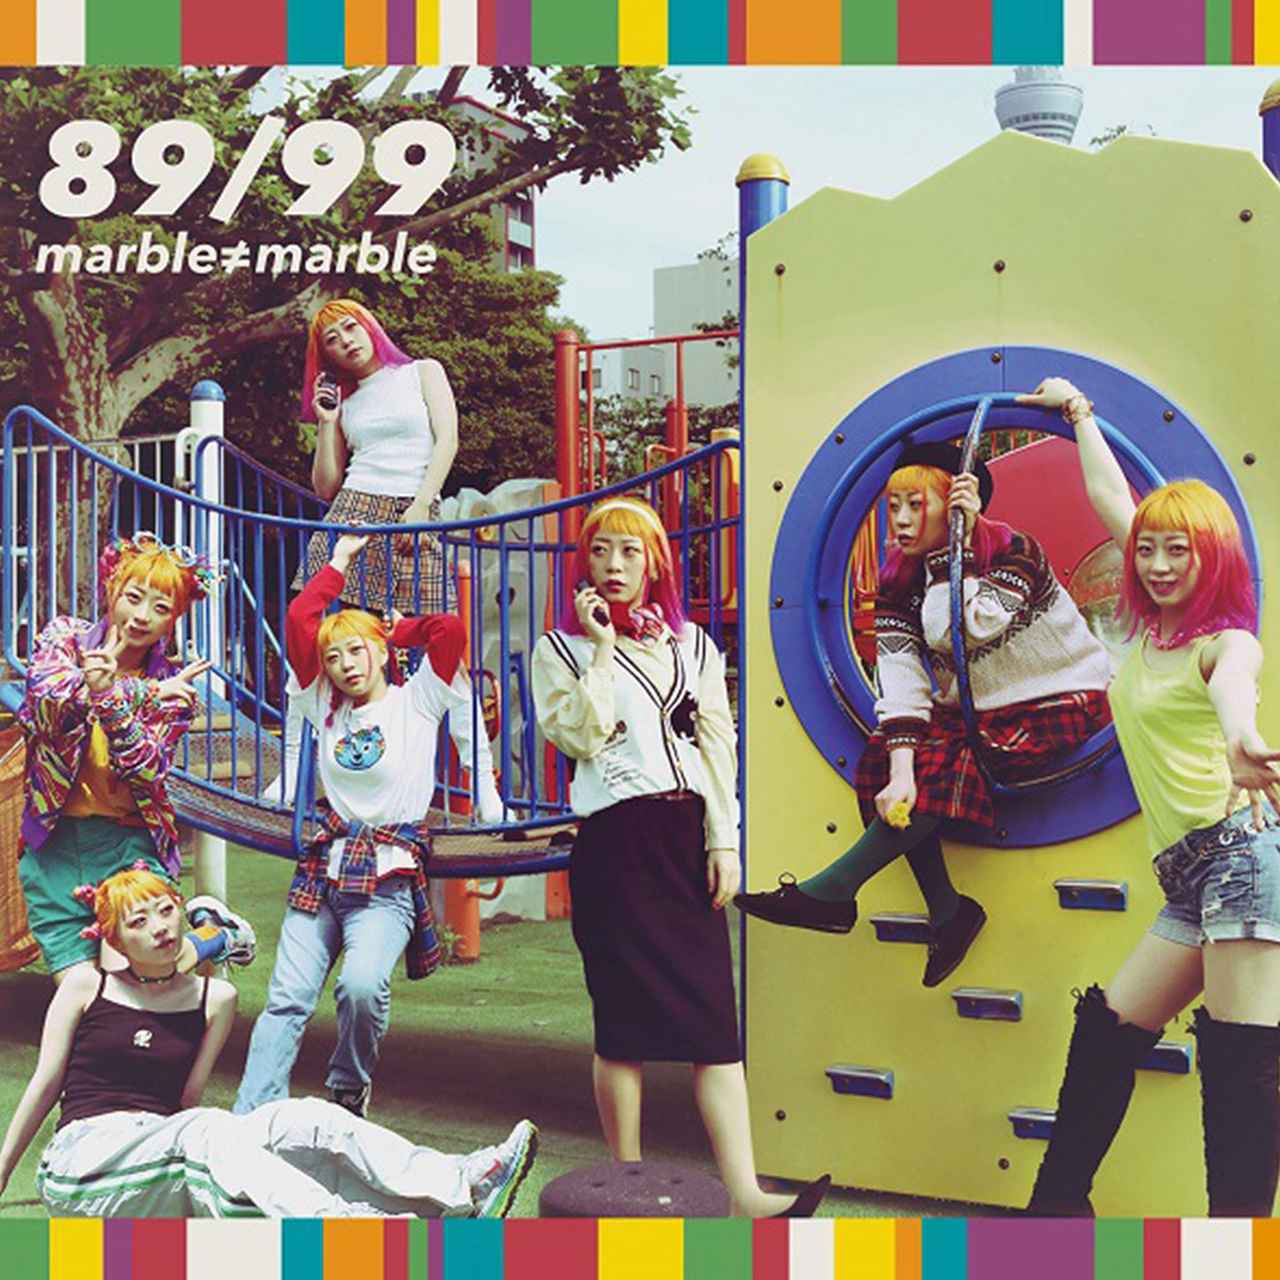 画像: 89/99 / marble≠marble